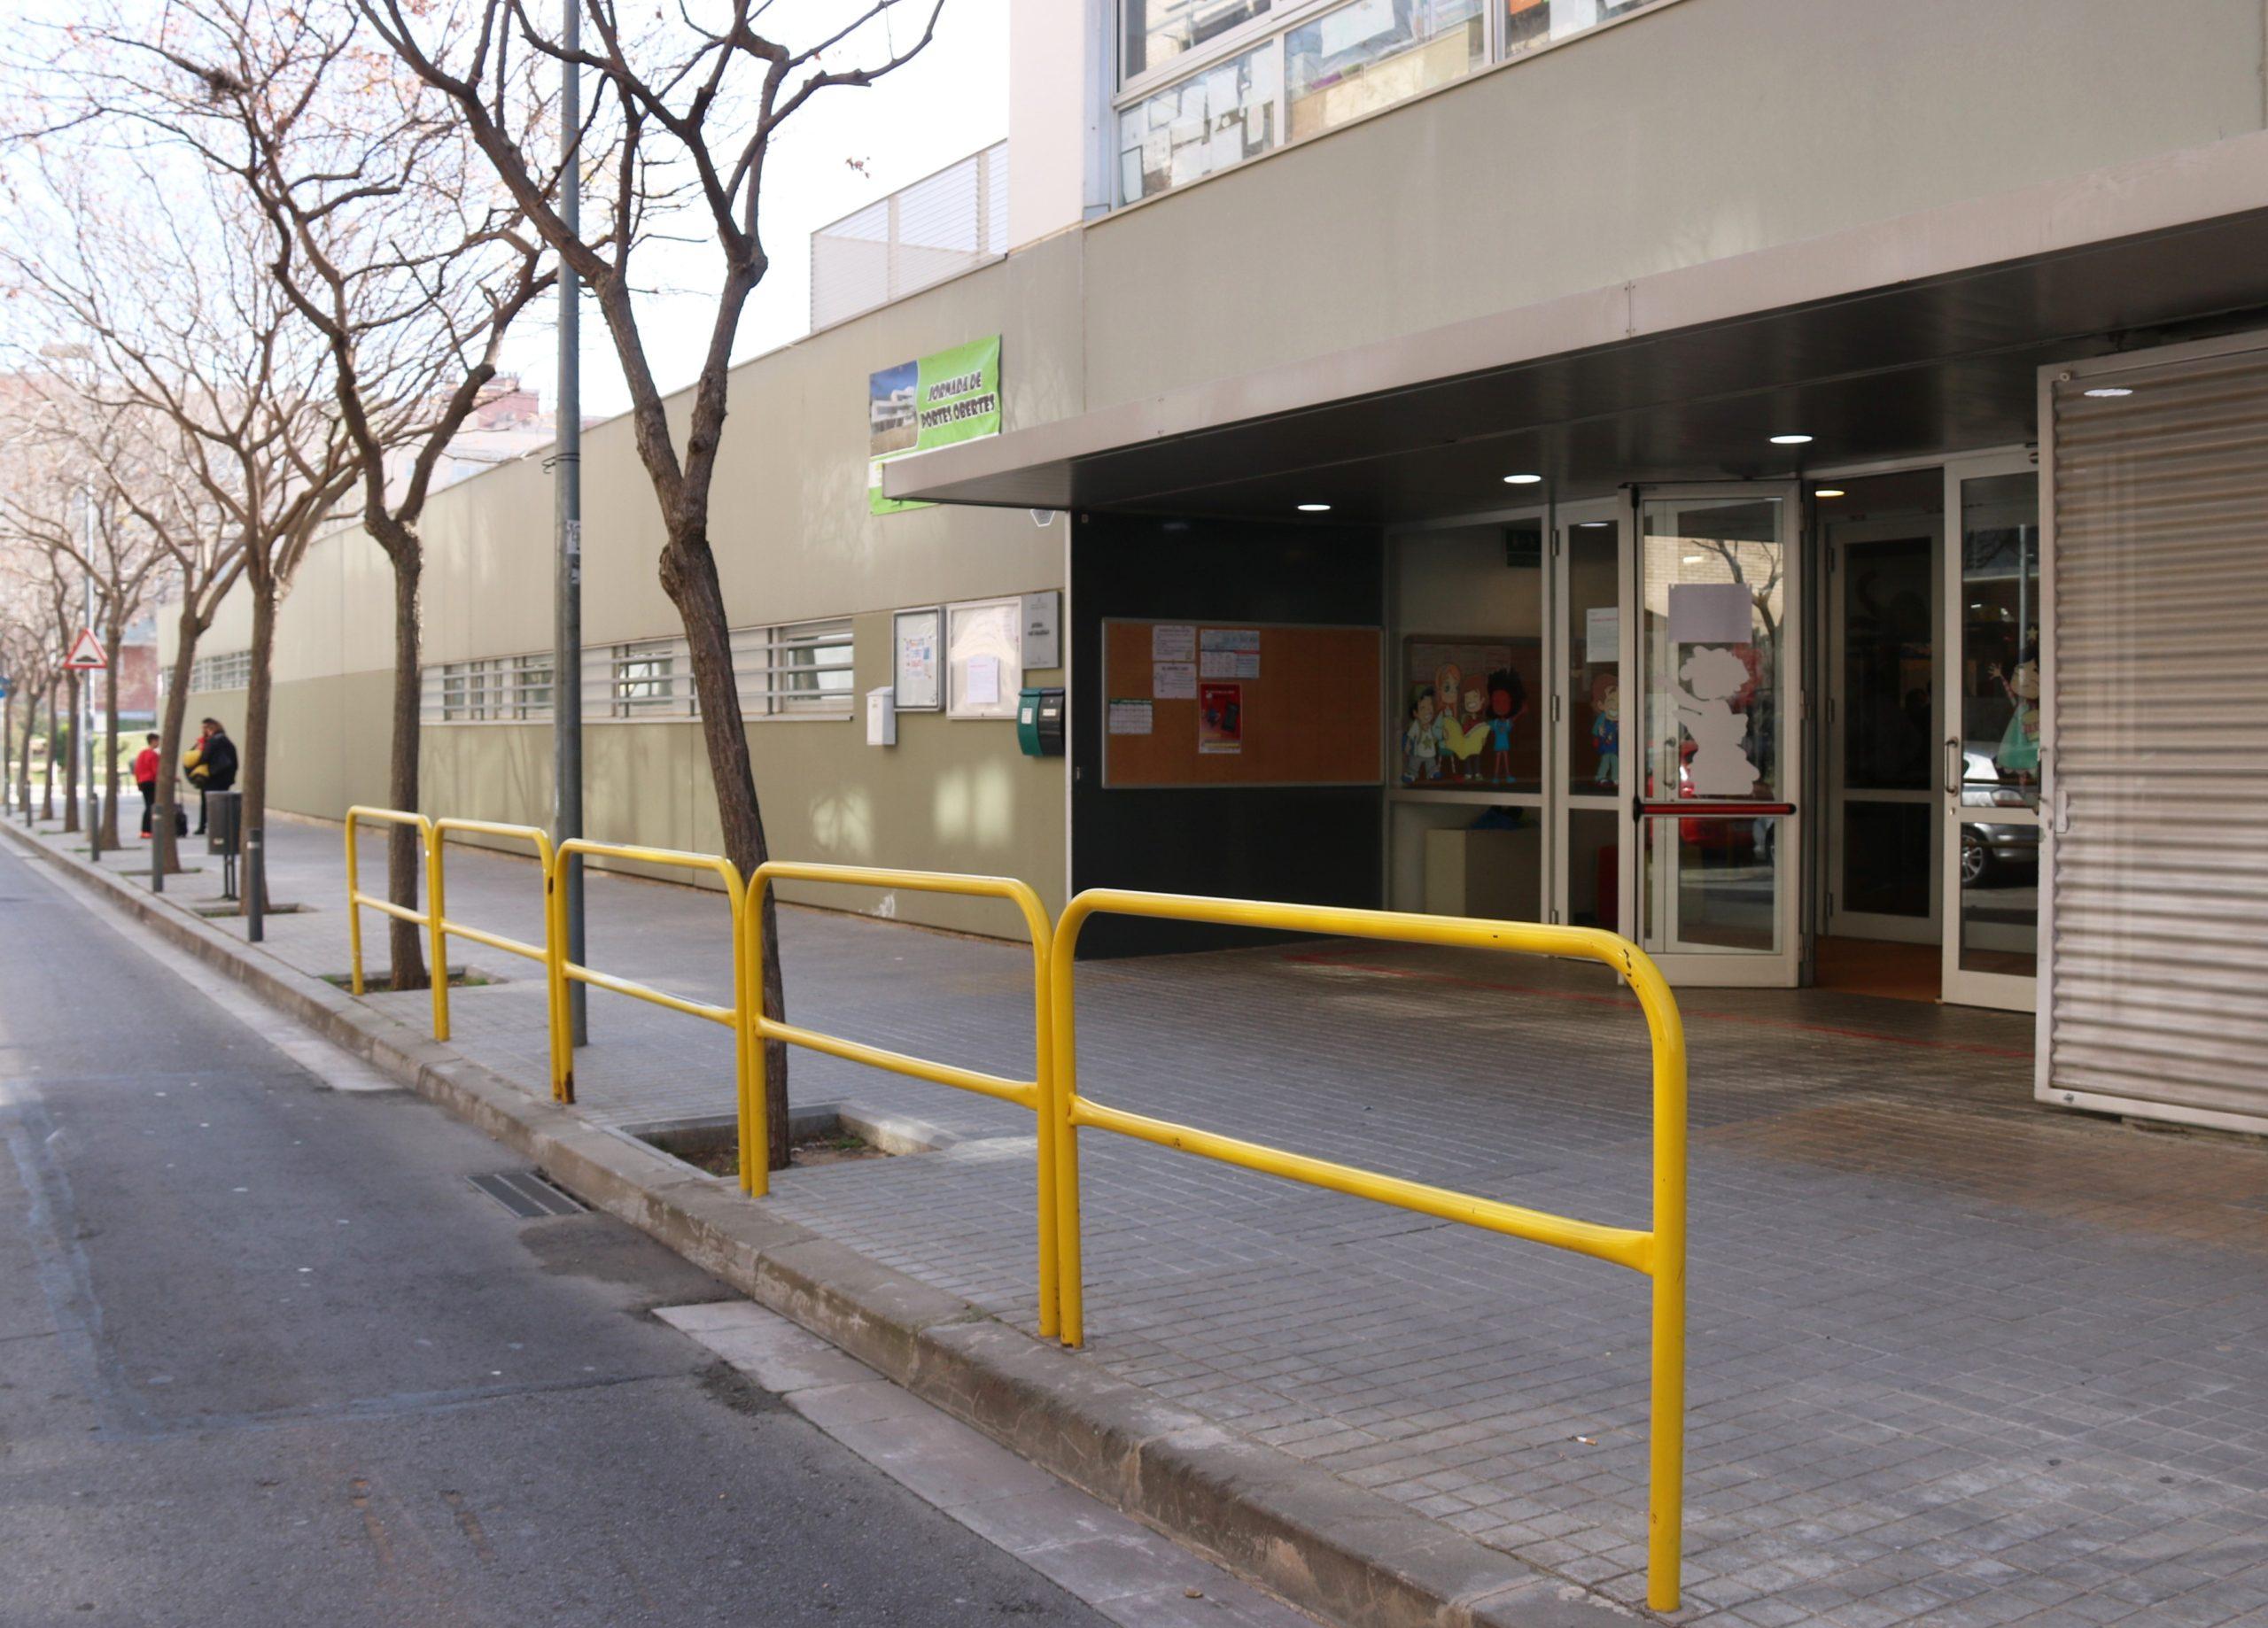 Salut tanca disset consultoris de la Segarra per la seva proximitat a Igualada i reforça els CAP de Cervera i Guissona